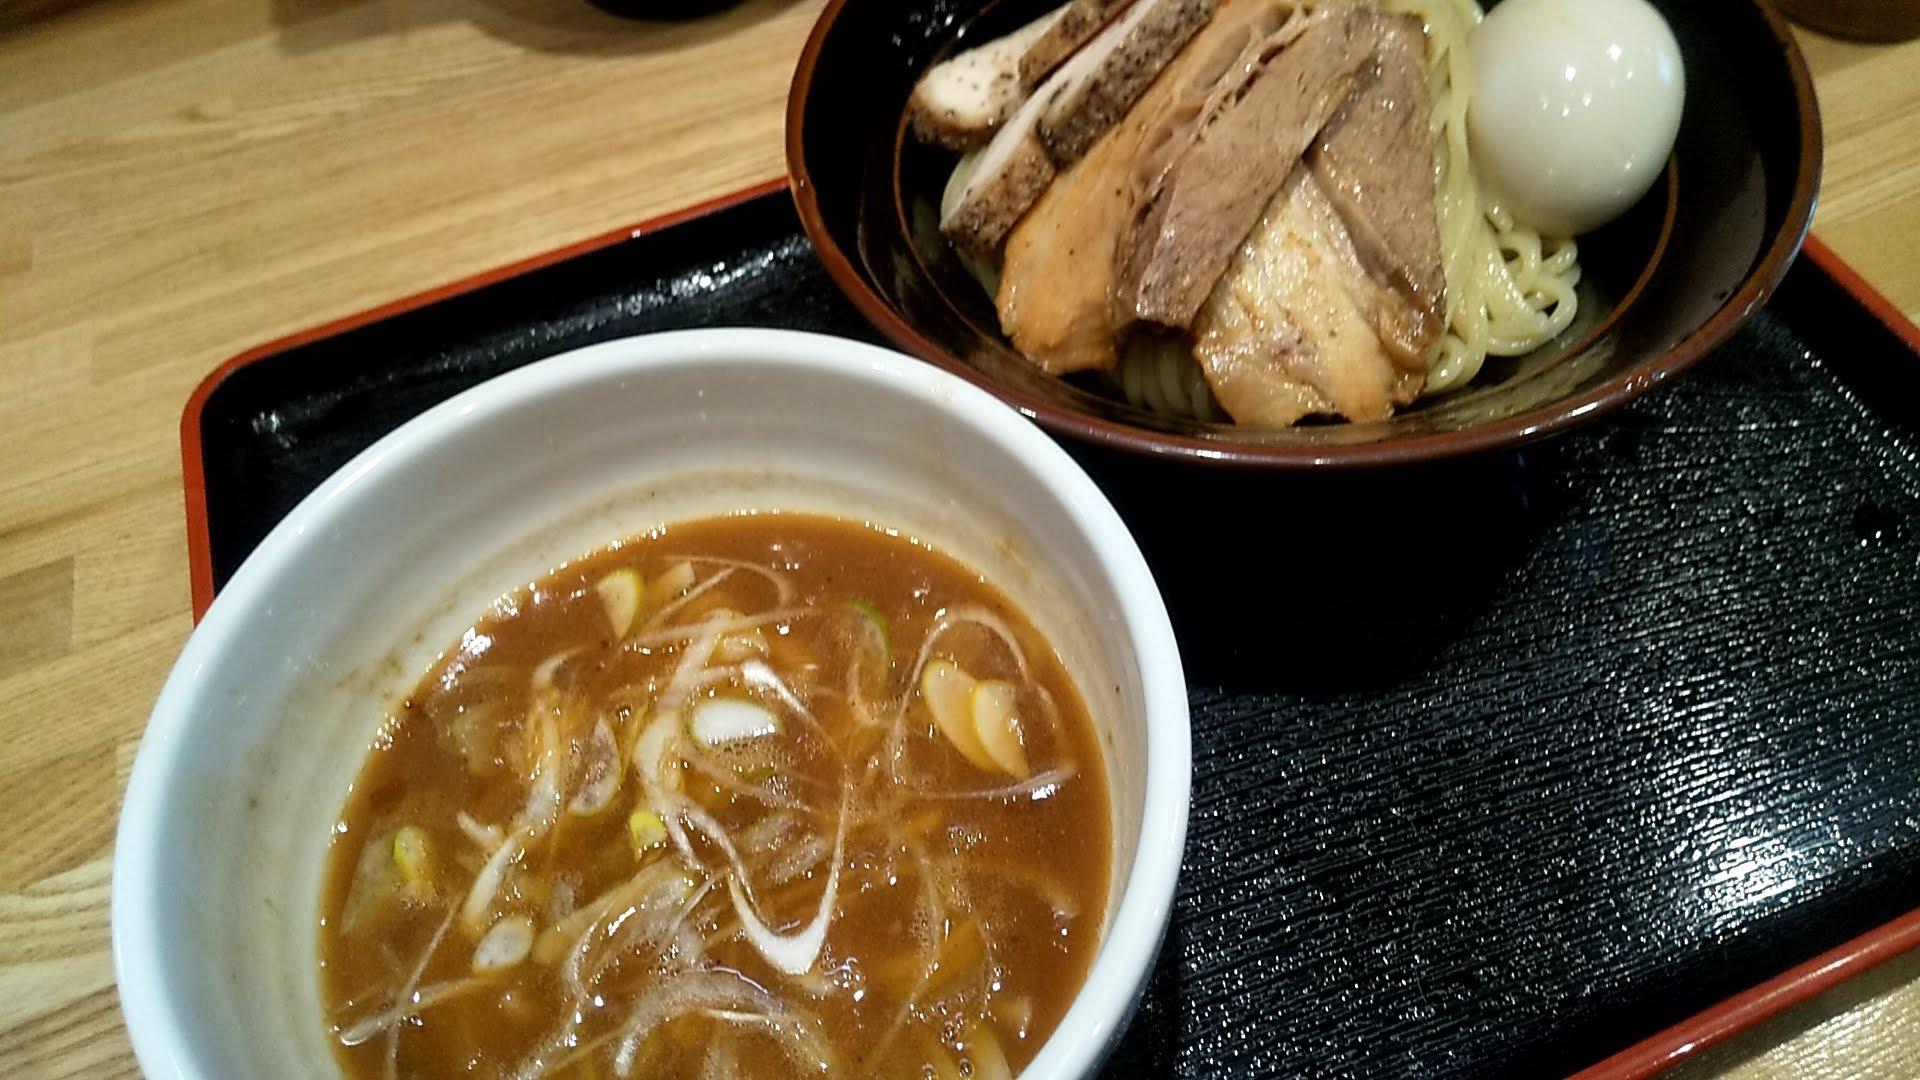 麺屋睡蓮の特製つけ麺の別角度